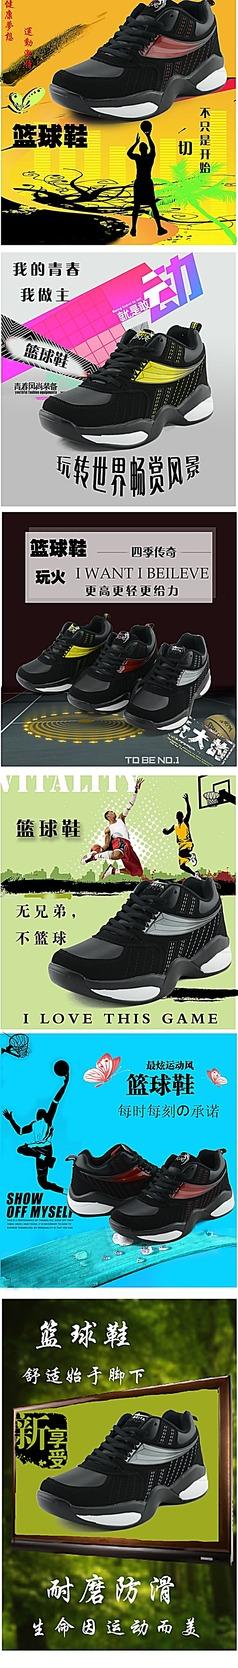 篮球鞋广告宣传图组